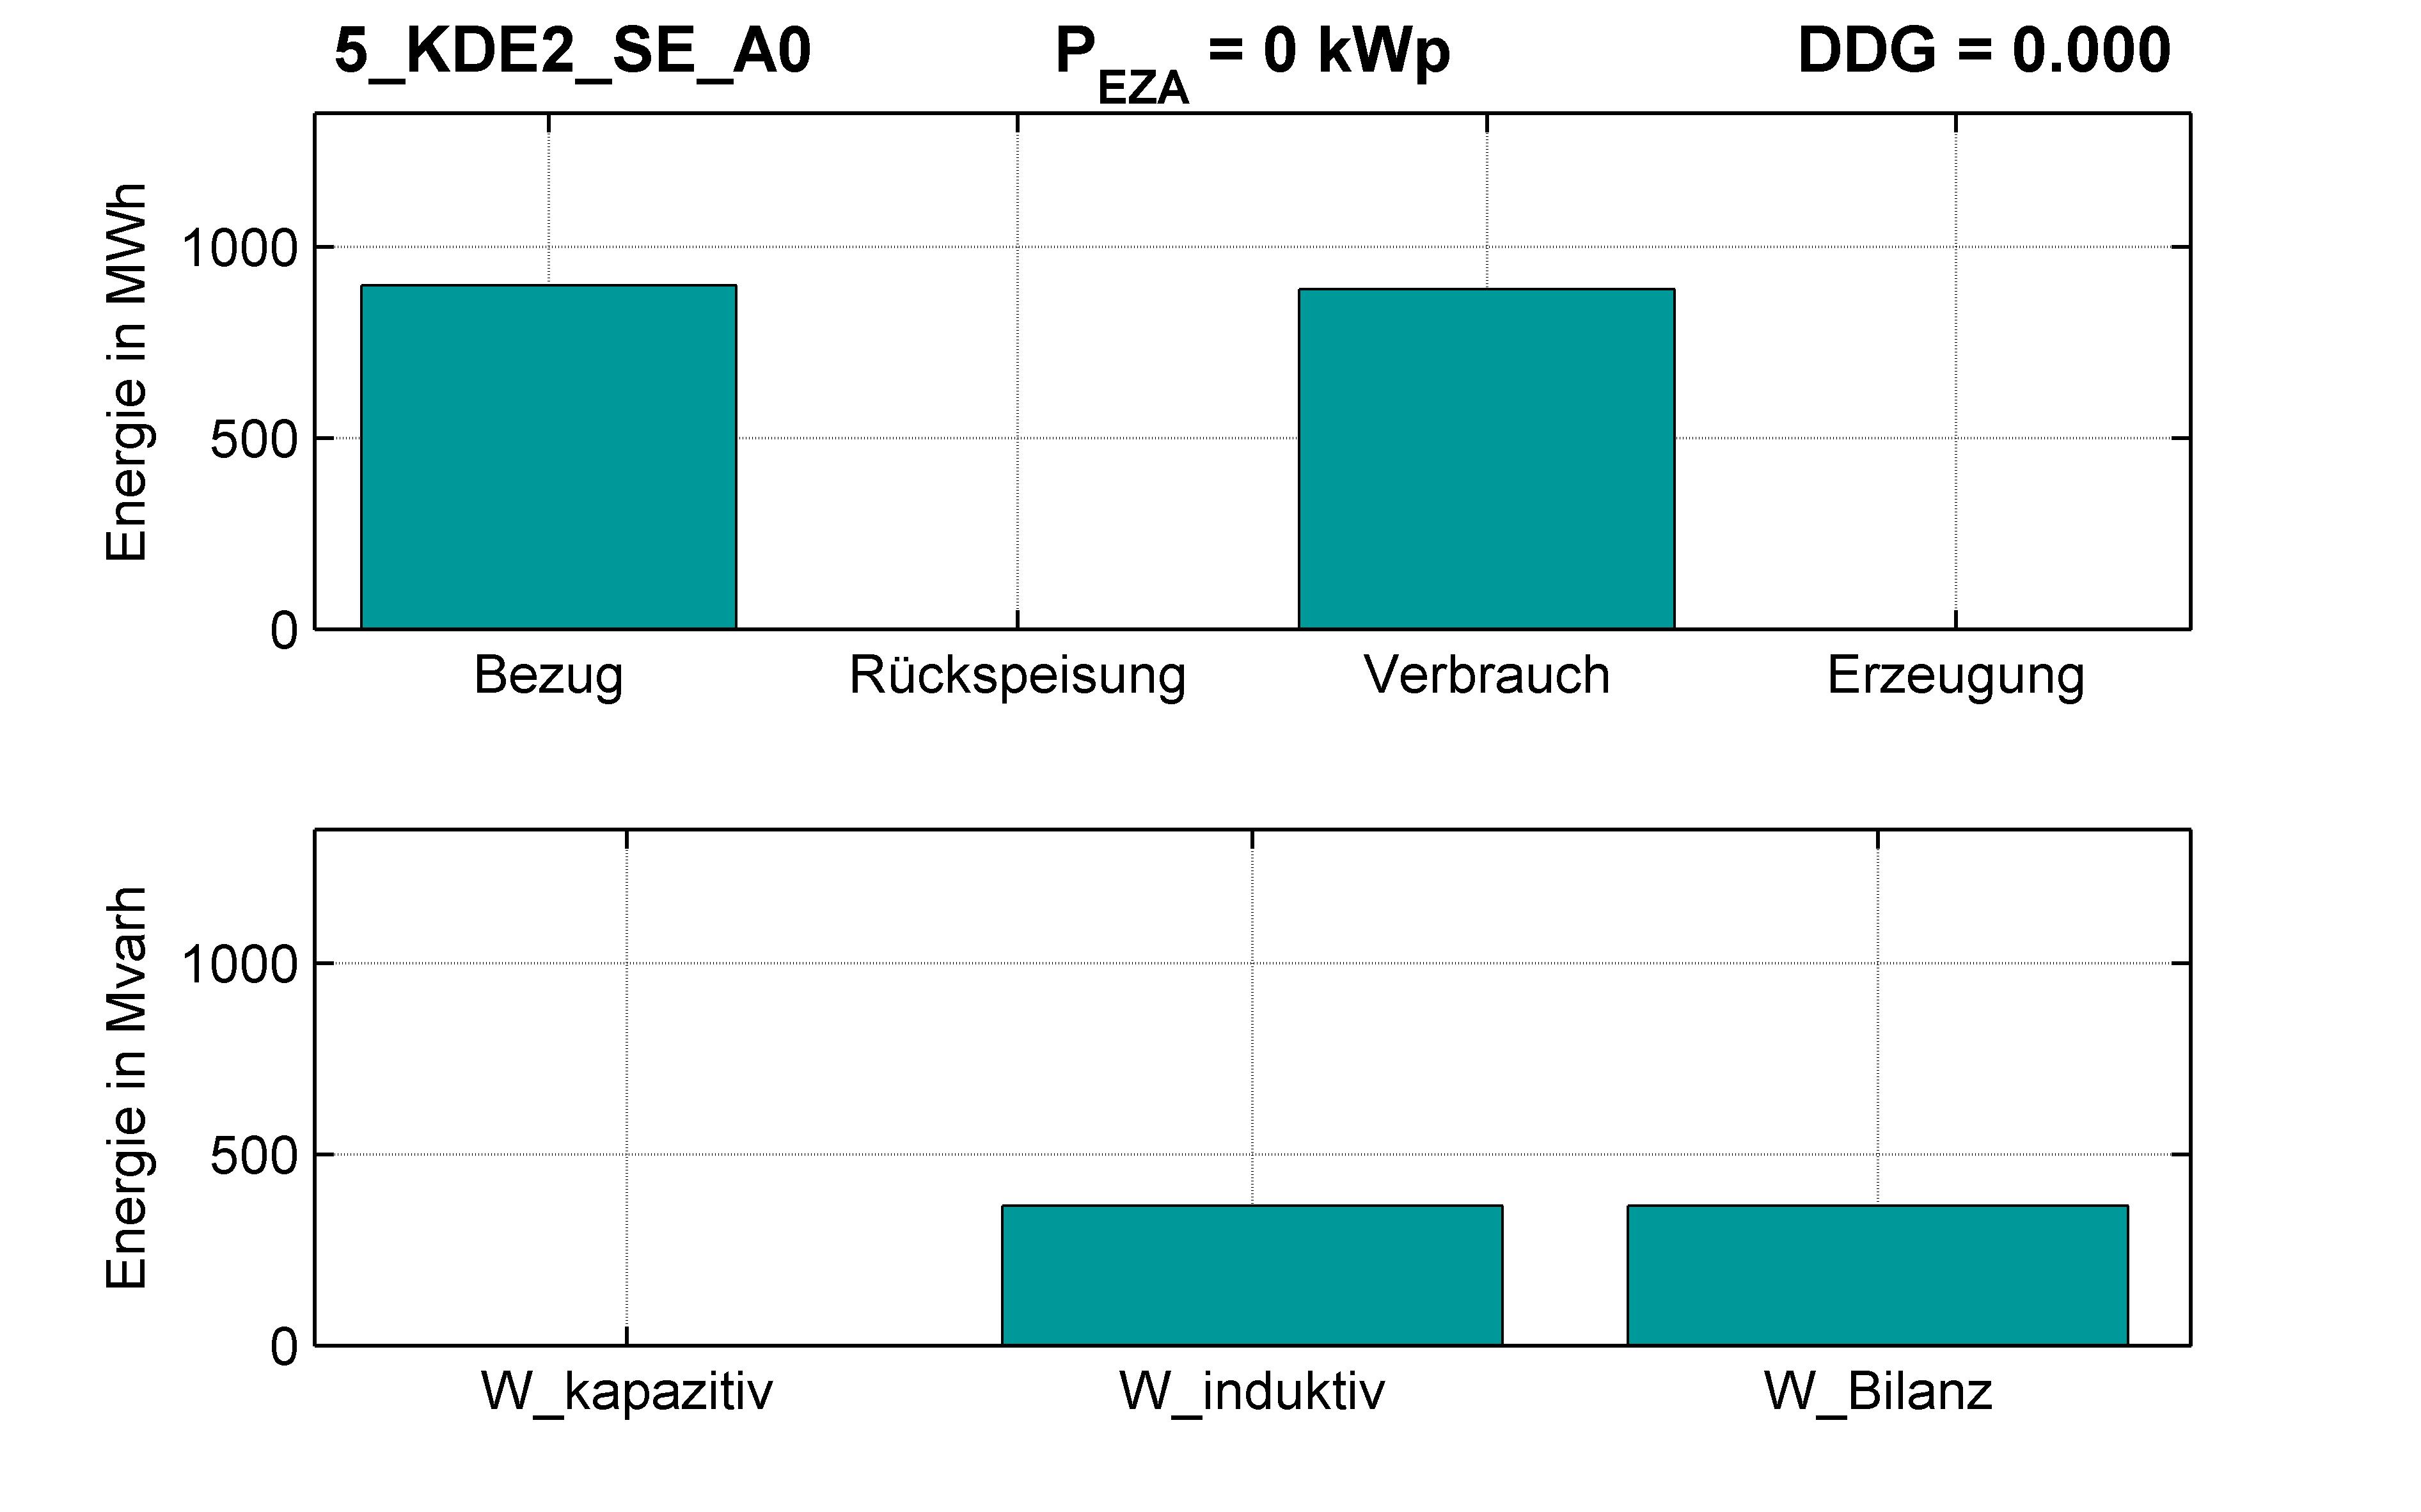 KDE2 | STATION (SE) A0 | PQ-Bilanz